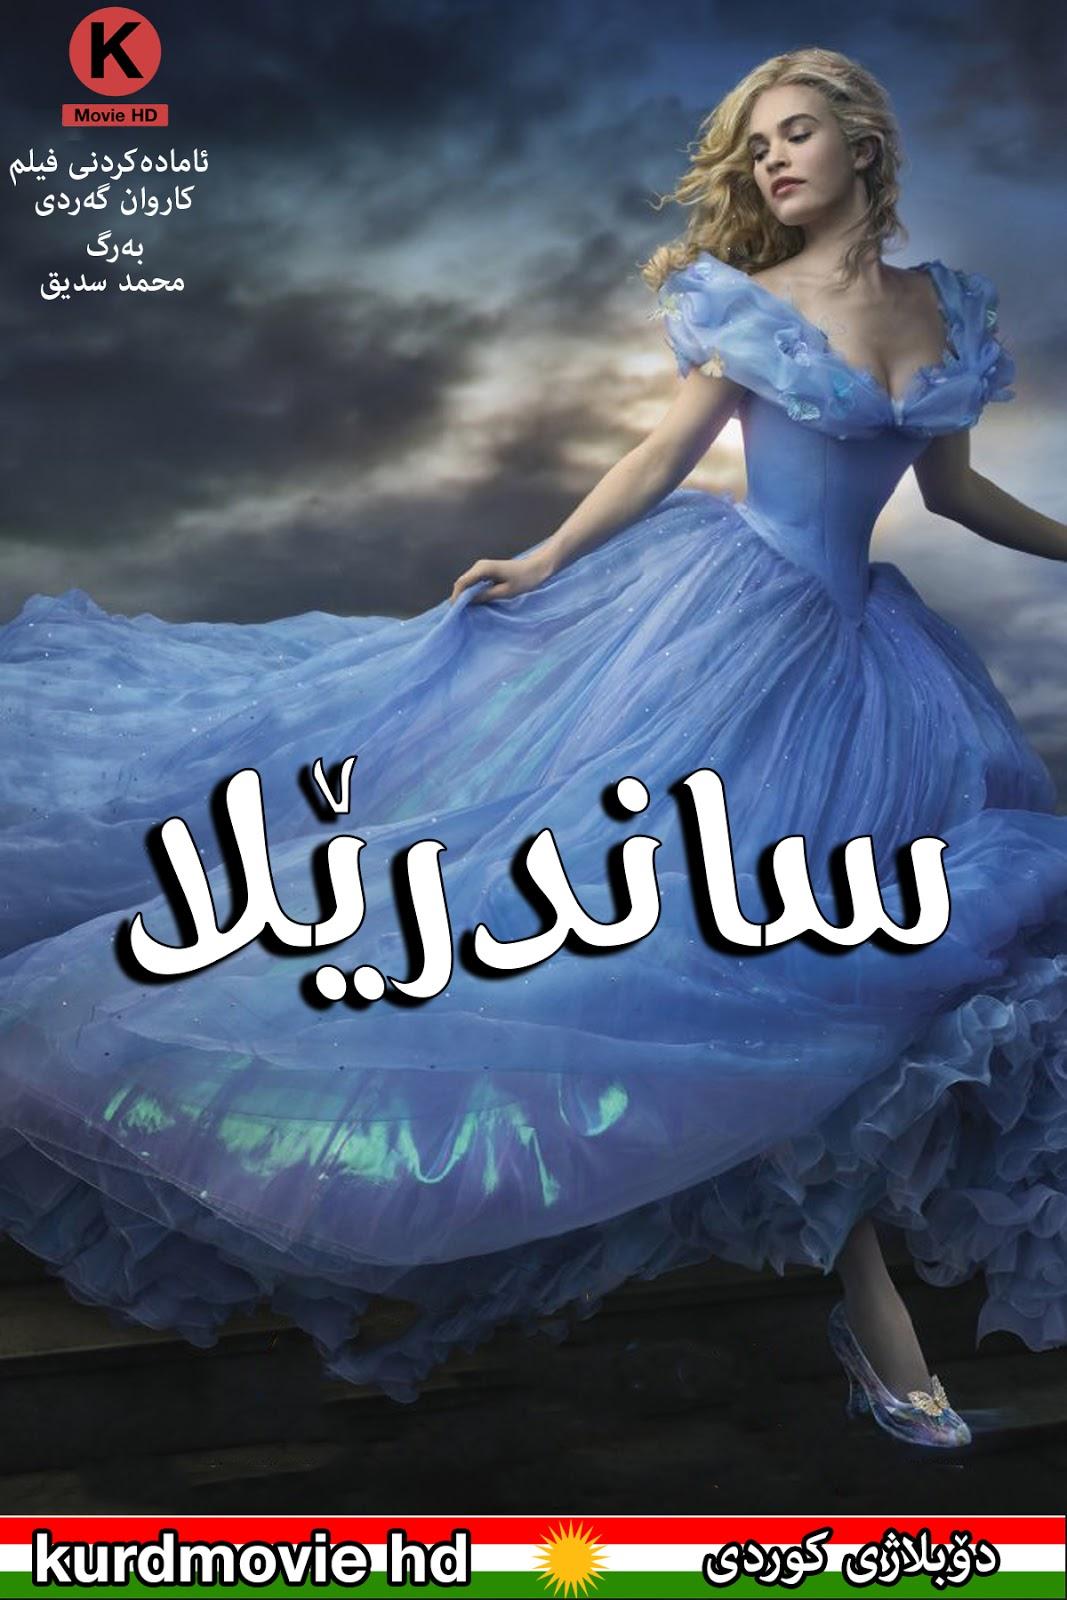 فیلمی دۆبلاژی كوردی Cinderella (2015)